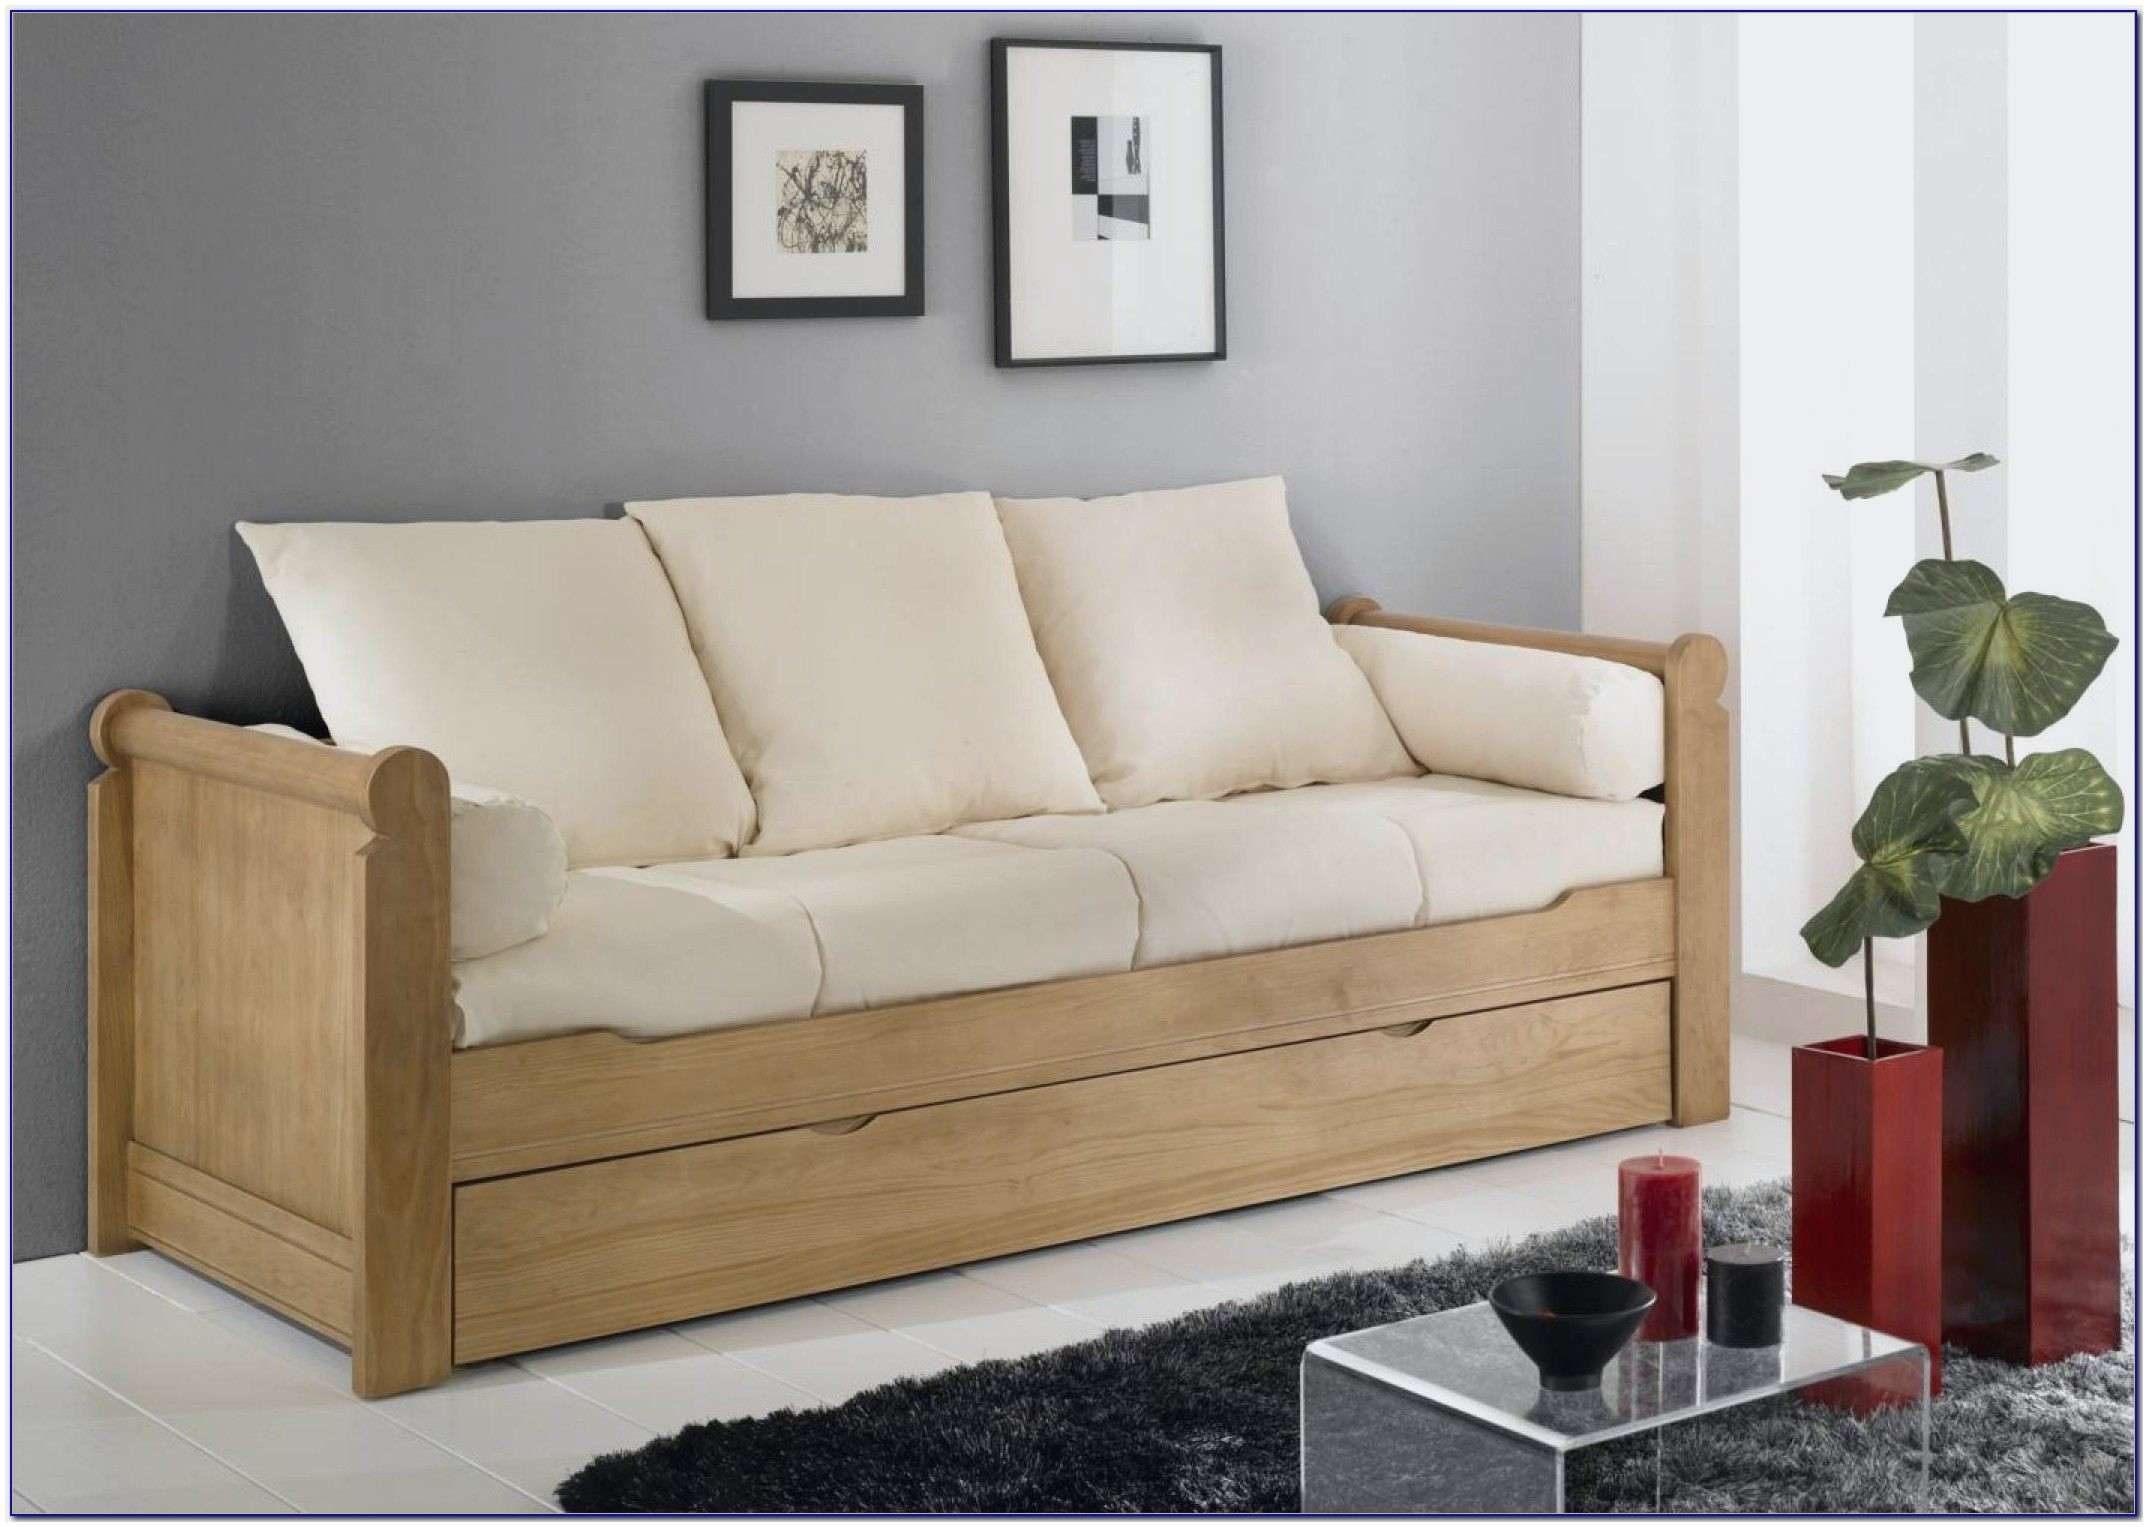 Lit Superposé 2 Places Belle Nouveau Luxury Canapé Lit Matelas Pour Option Canapé Convertible 2